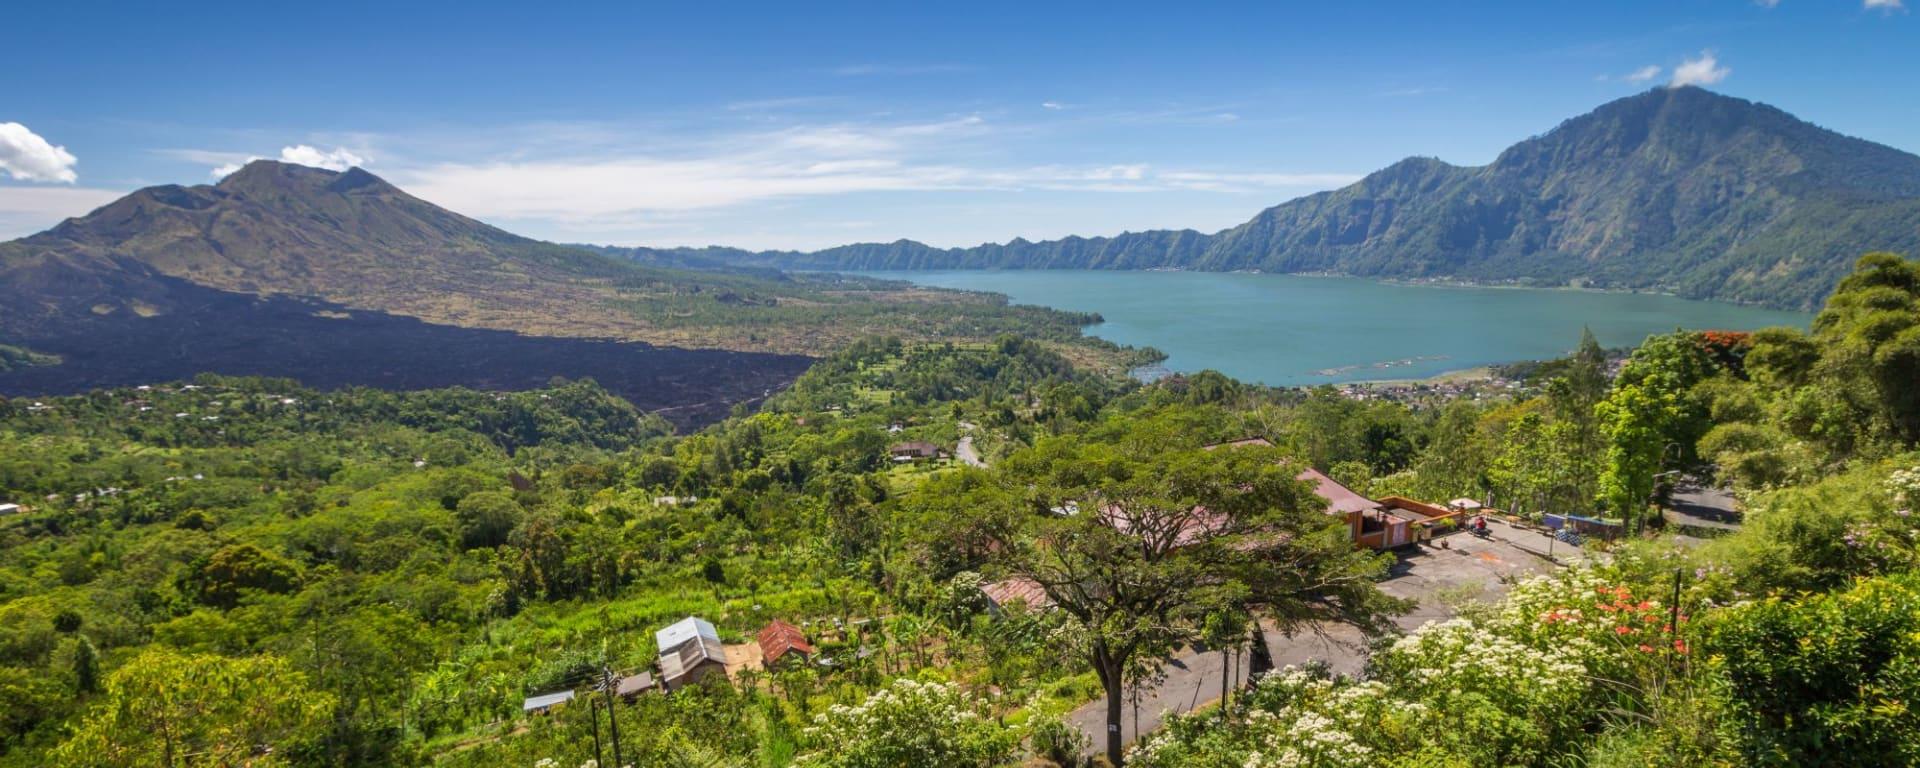 Erlebnisreiches Bali ab Südbali: Bali Mount Batur